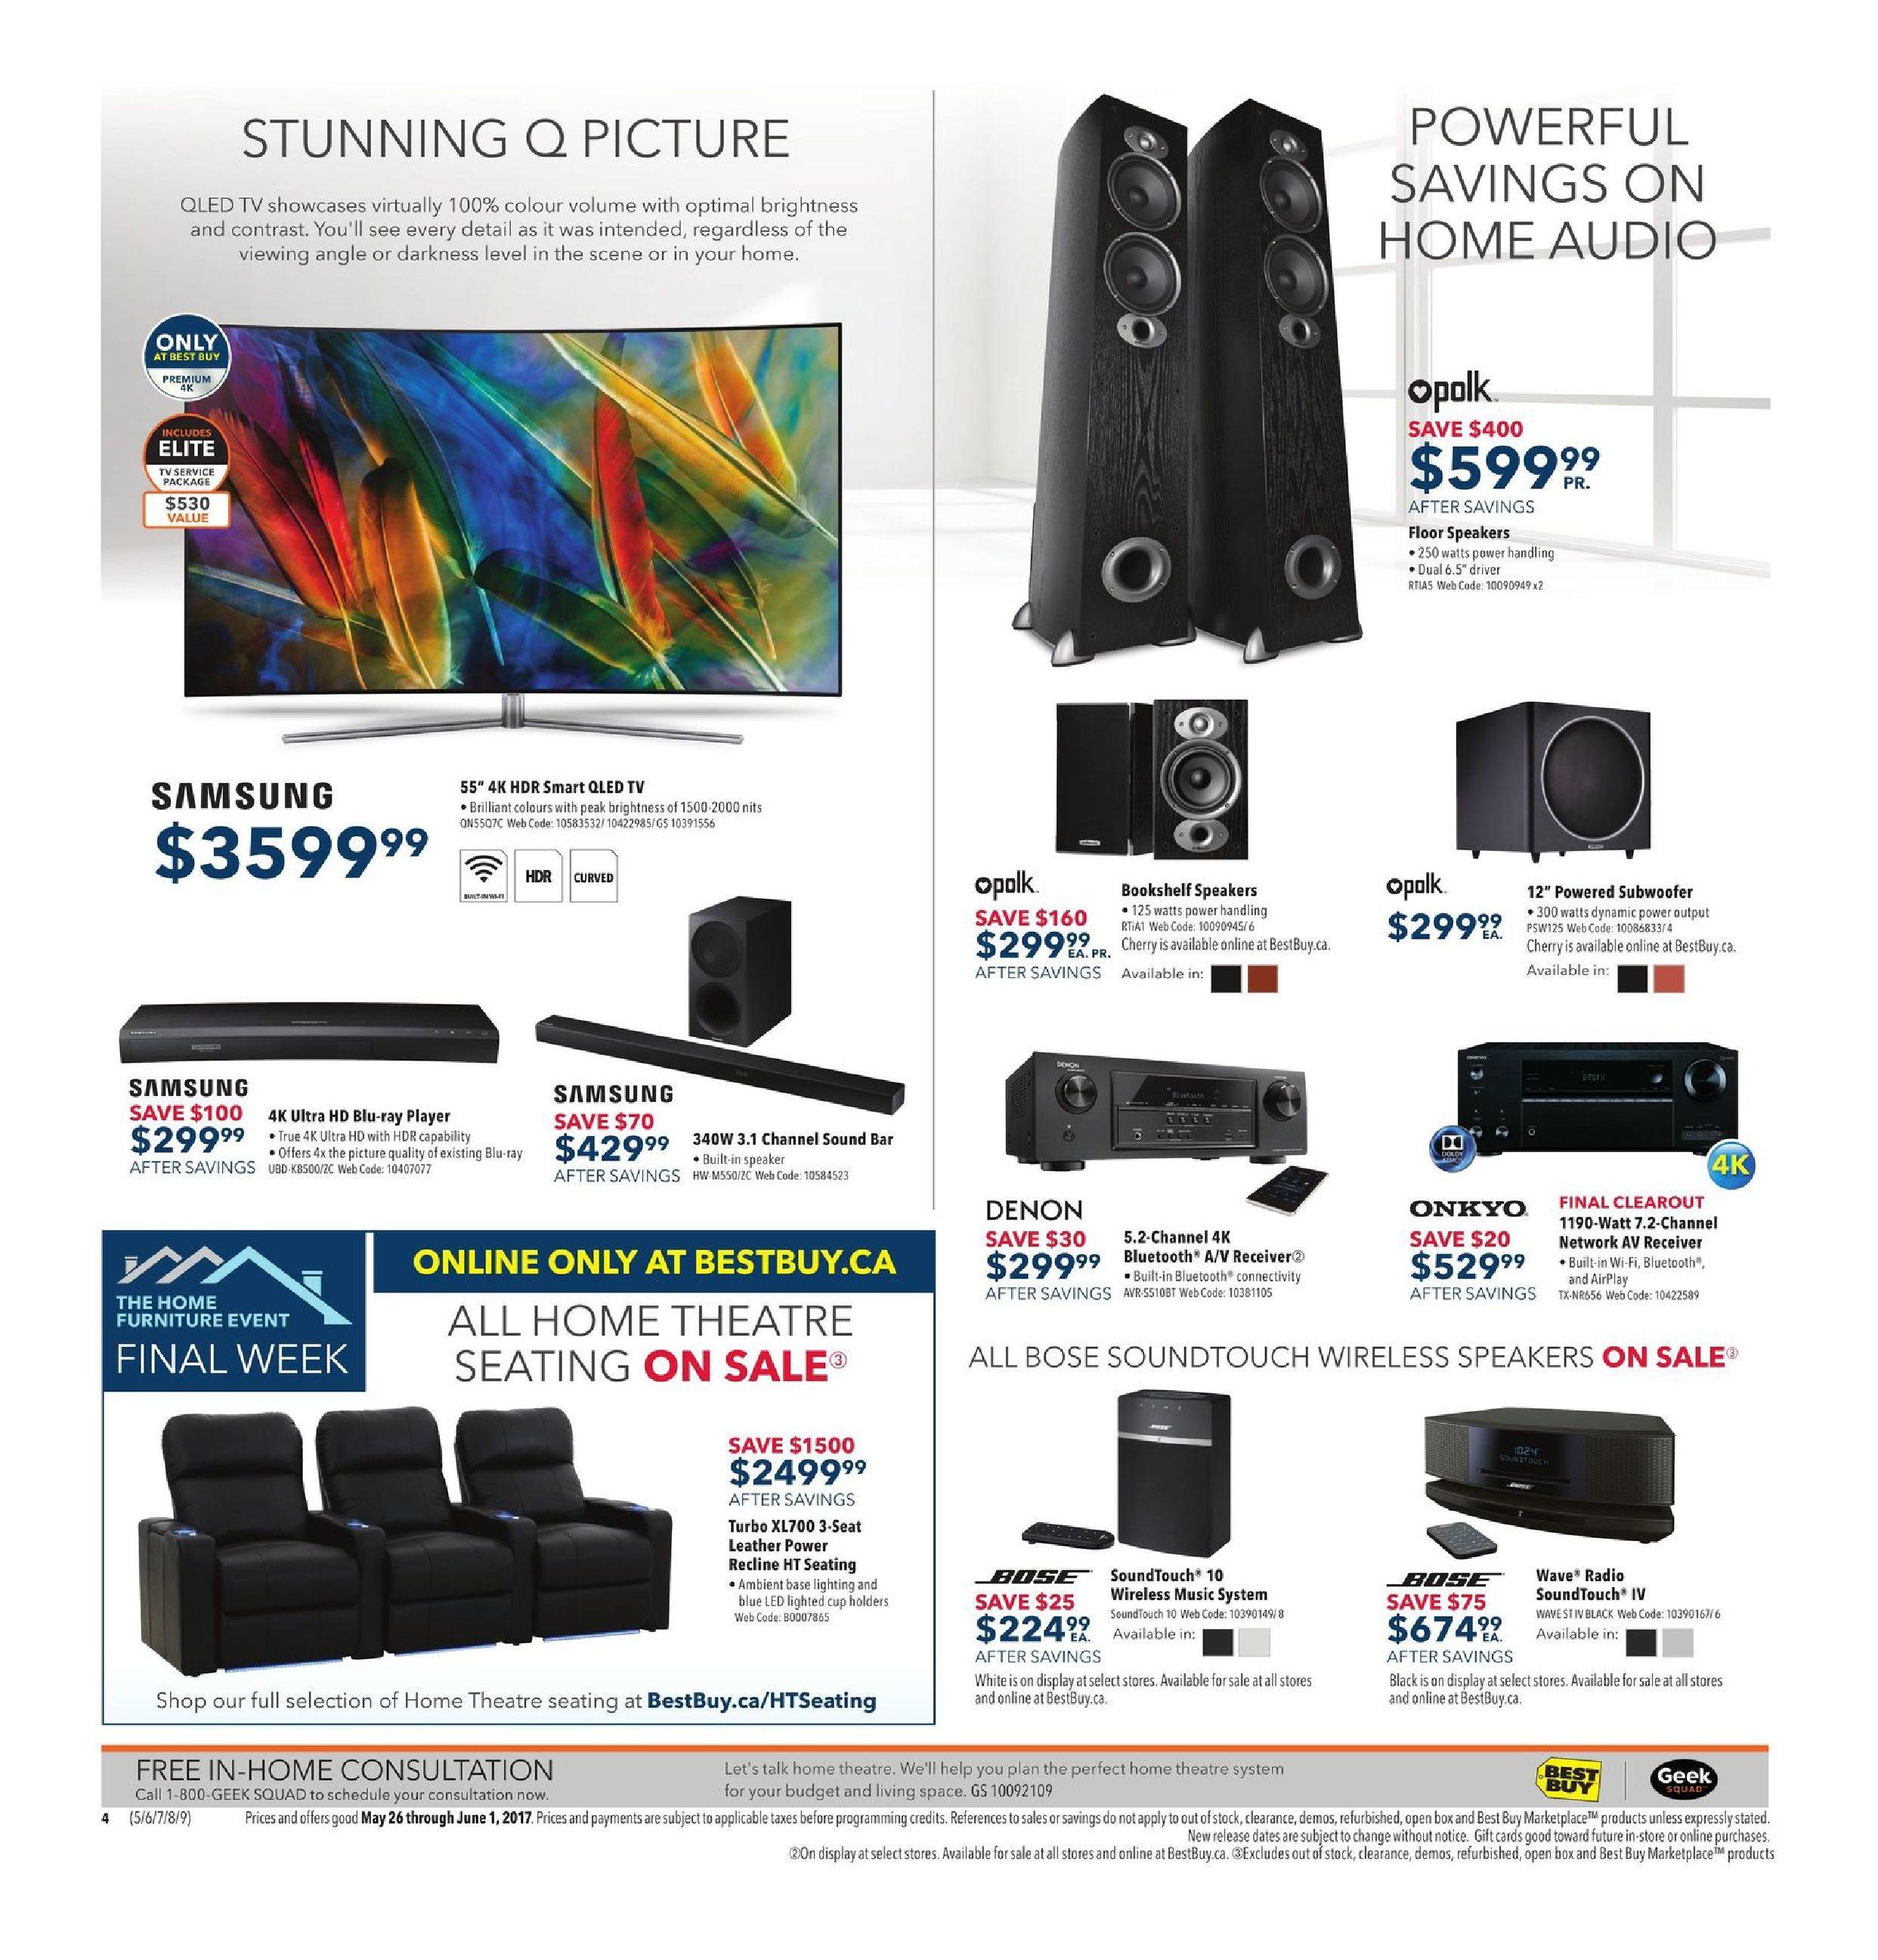 best buy weekly flyer weekly find great savings may 26 jun 1 rh redflagdeals com